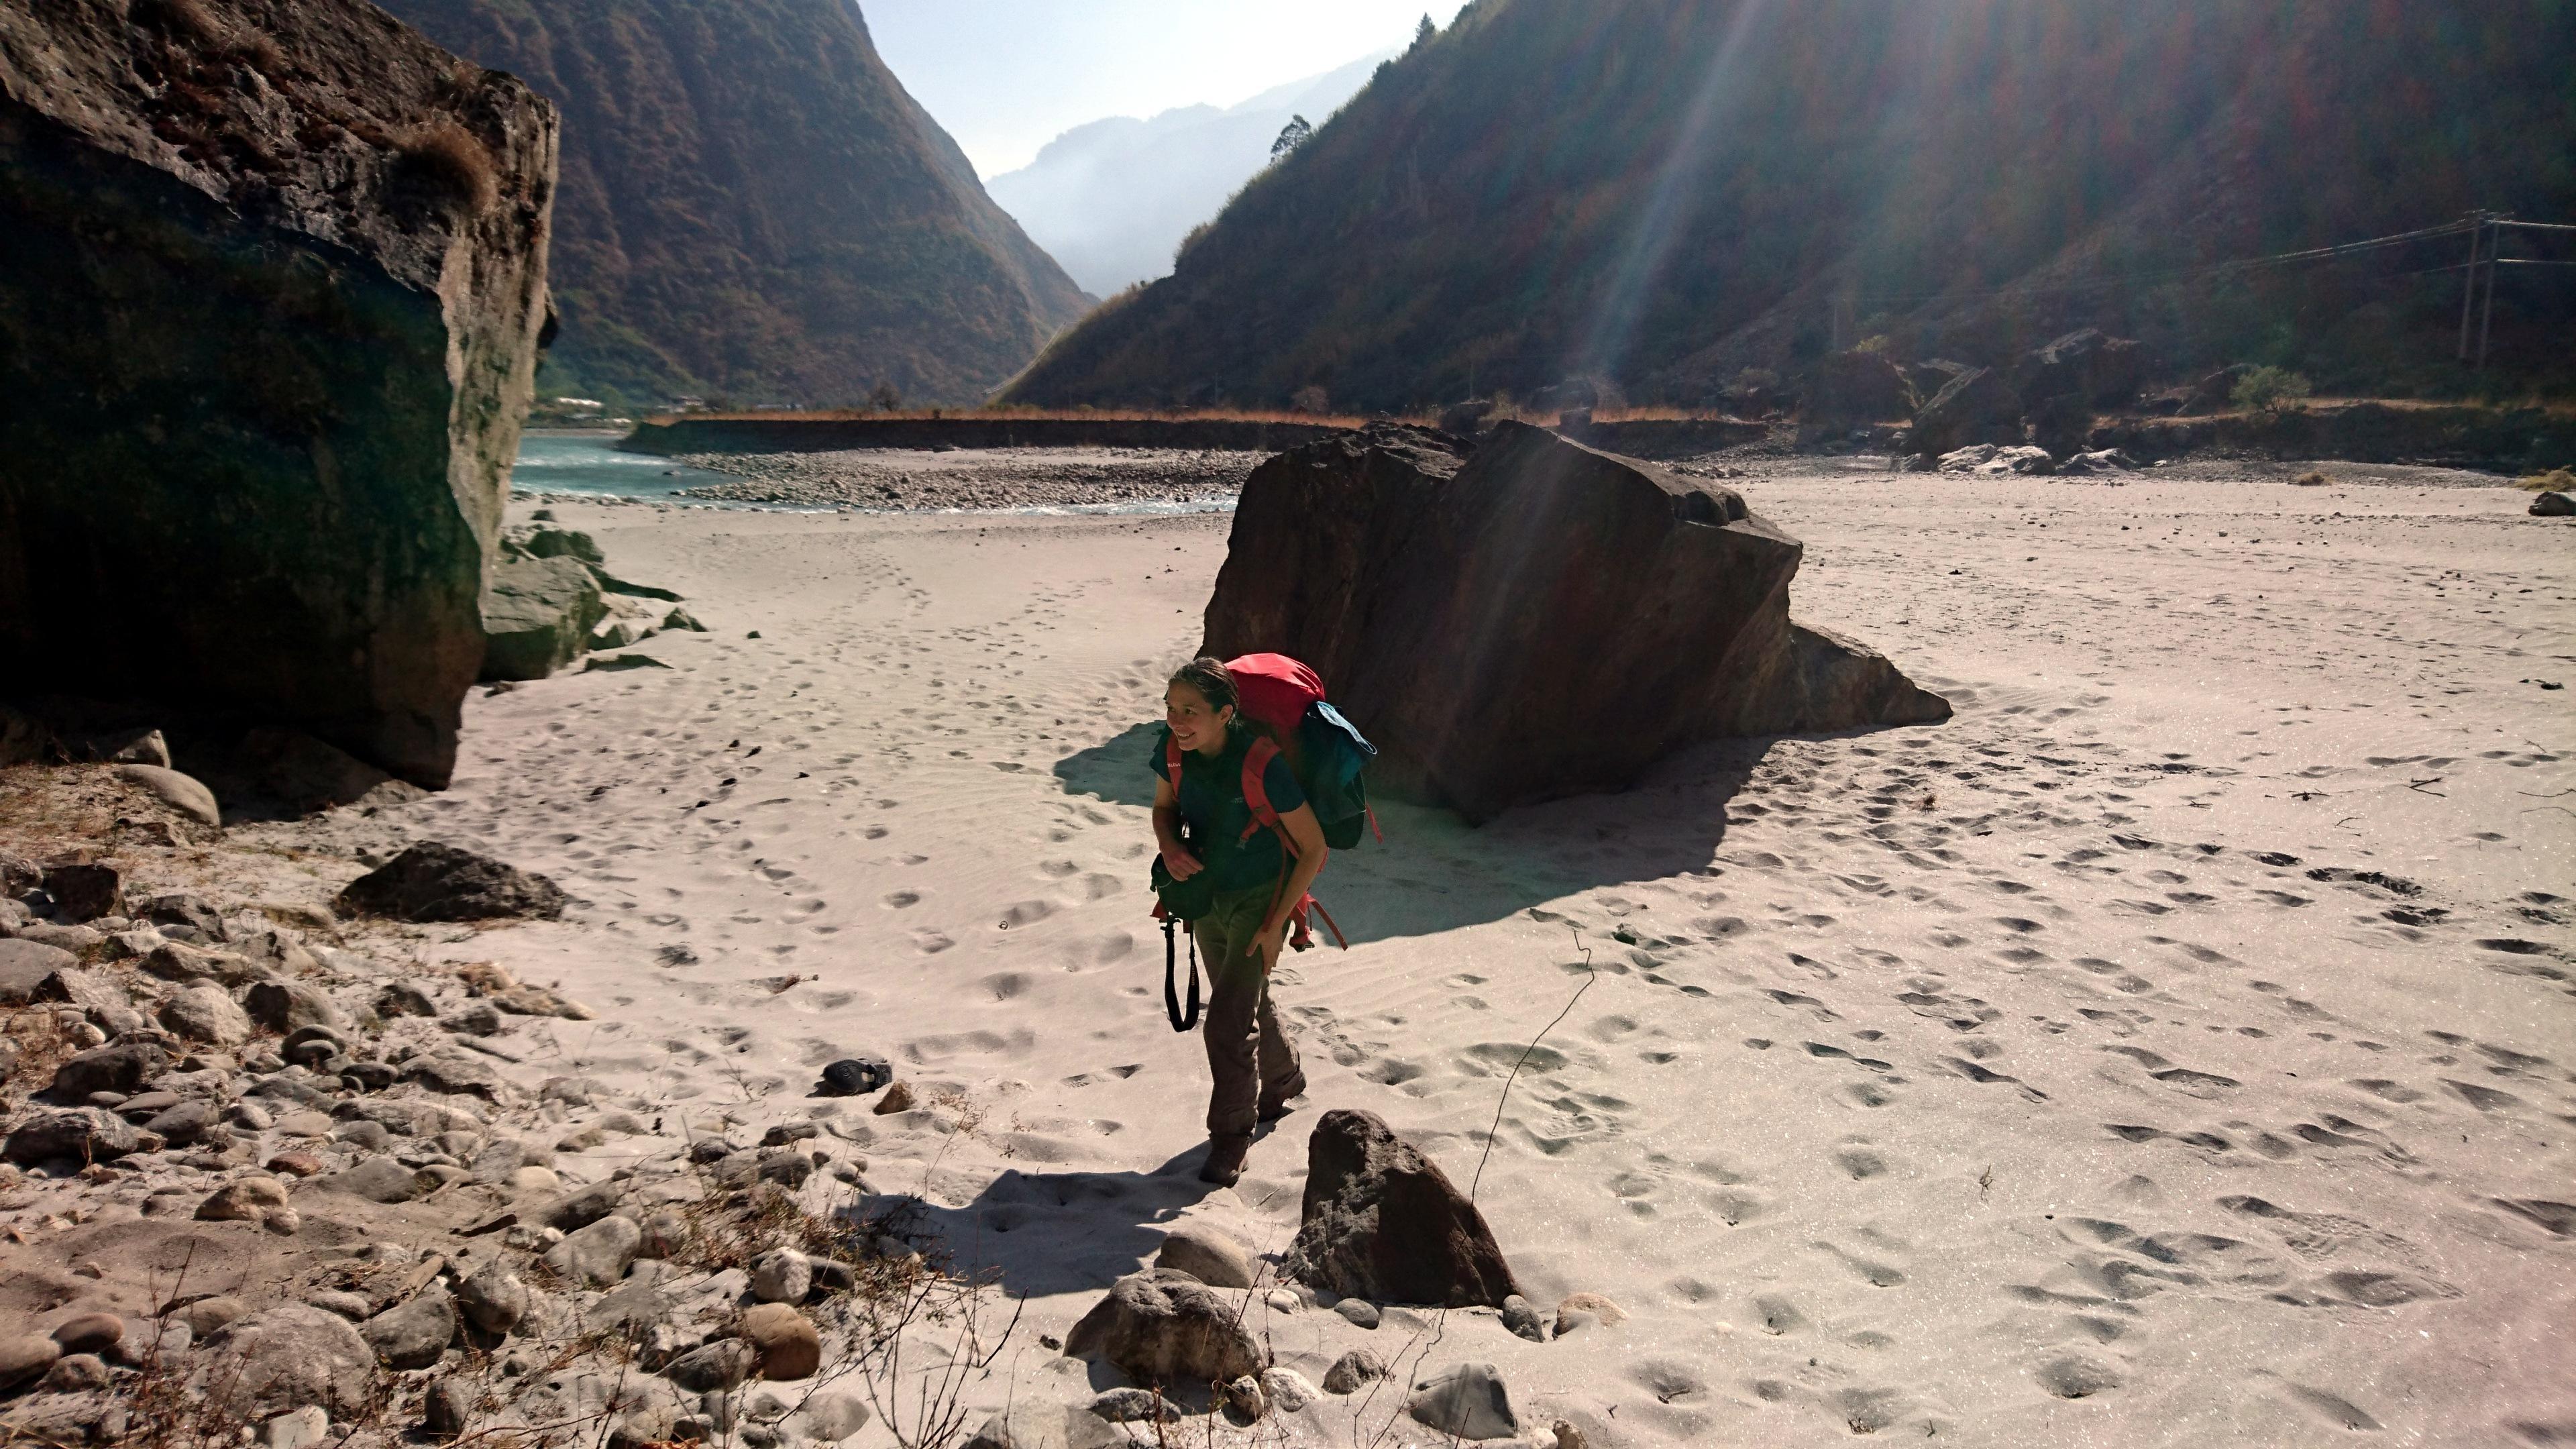 prima di abbandonare la valle, quattro passi sulla spiaggia per tastarne la consistenza